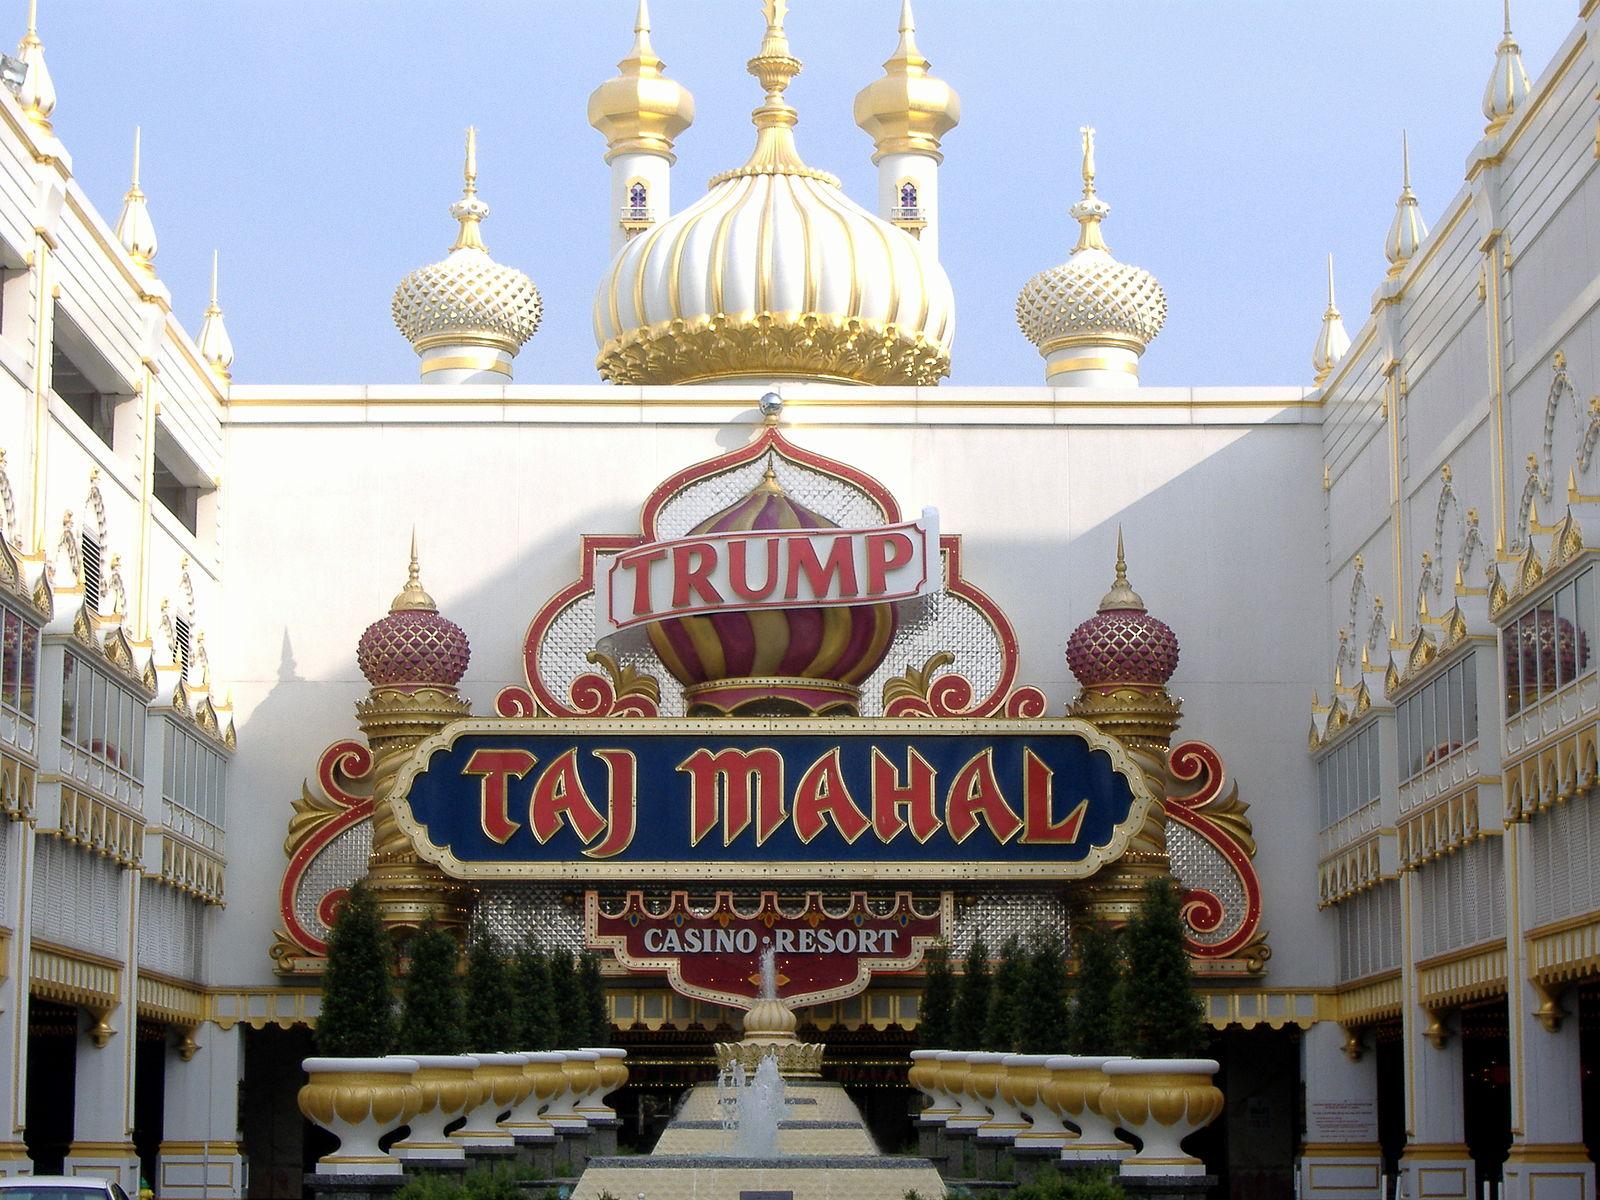 trump_taj_mahal_2007